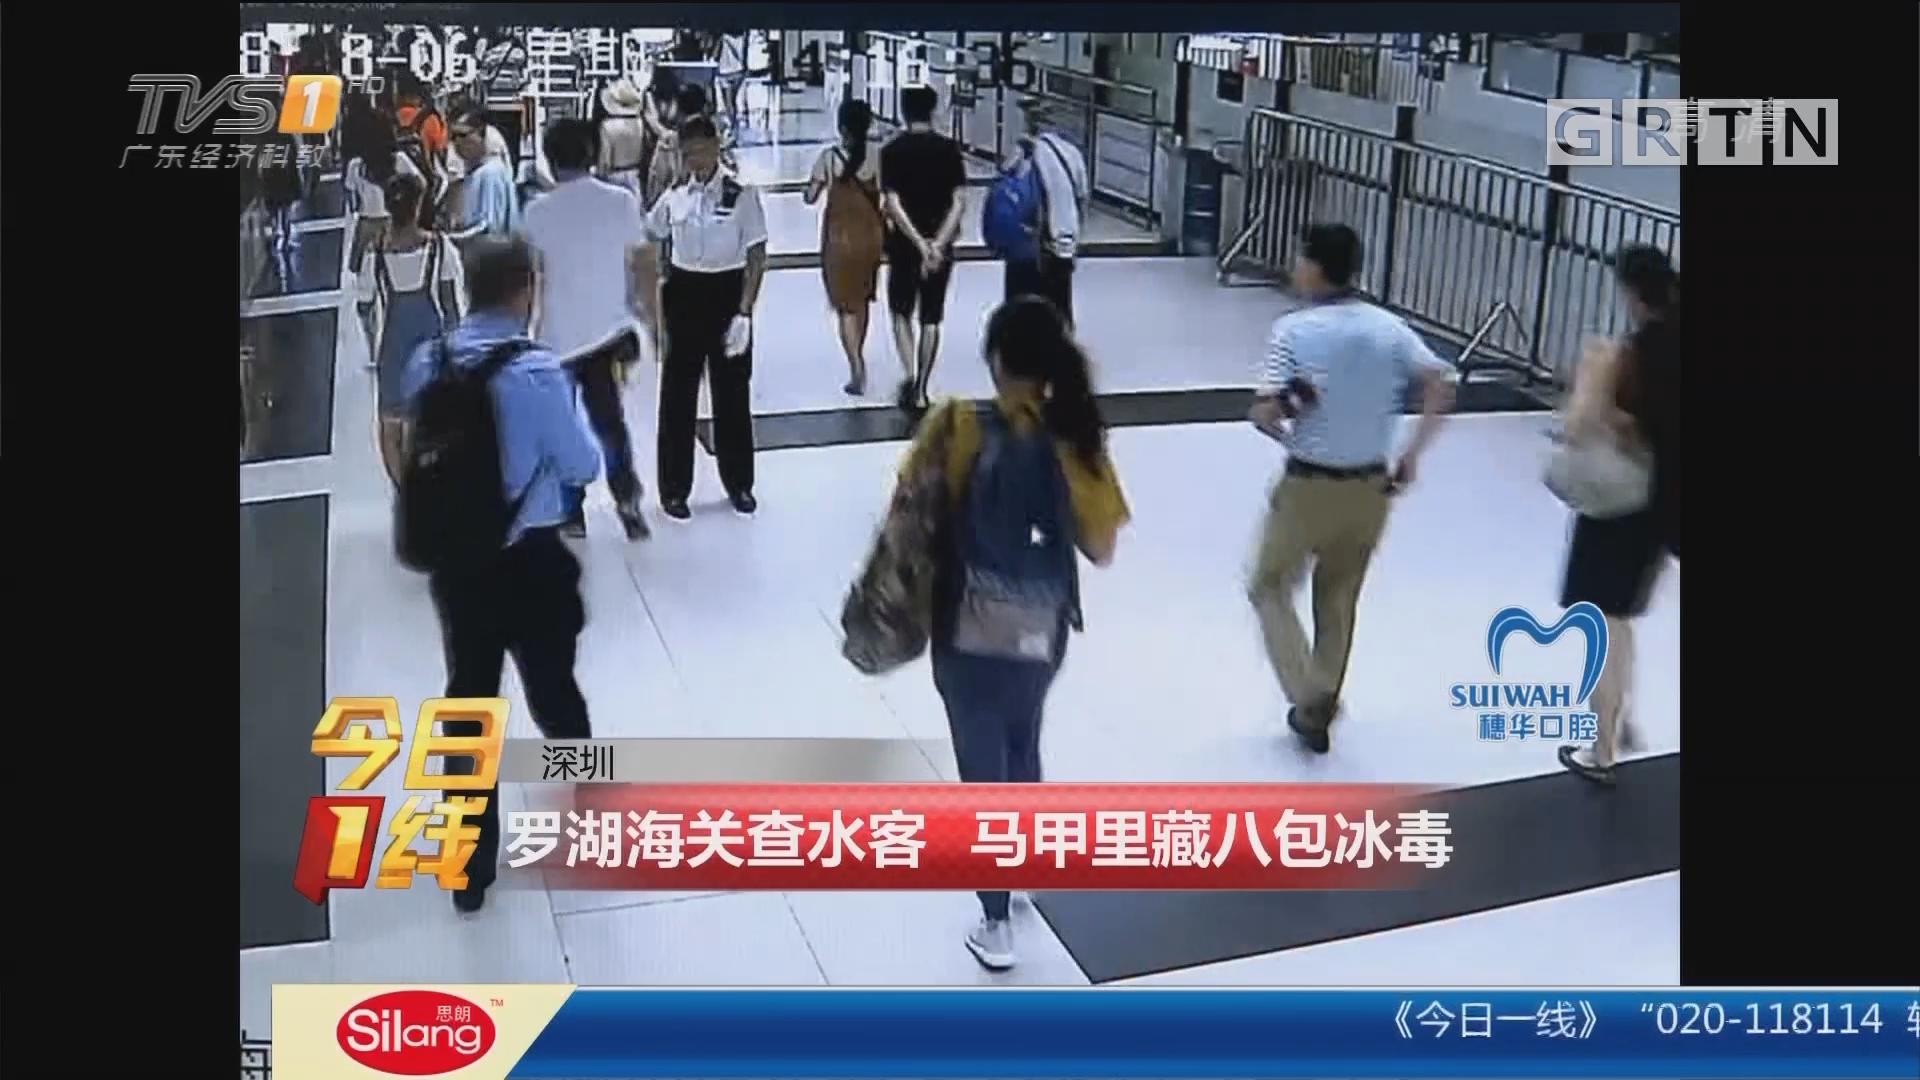 深圳:罗湖海关查水客 马甲里藏八包冰毒